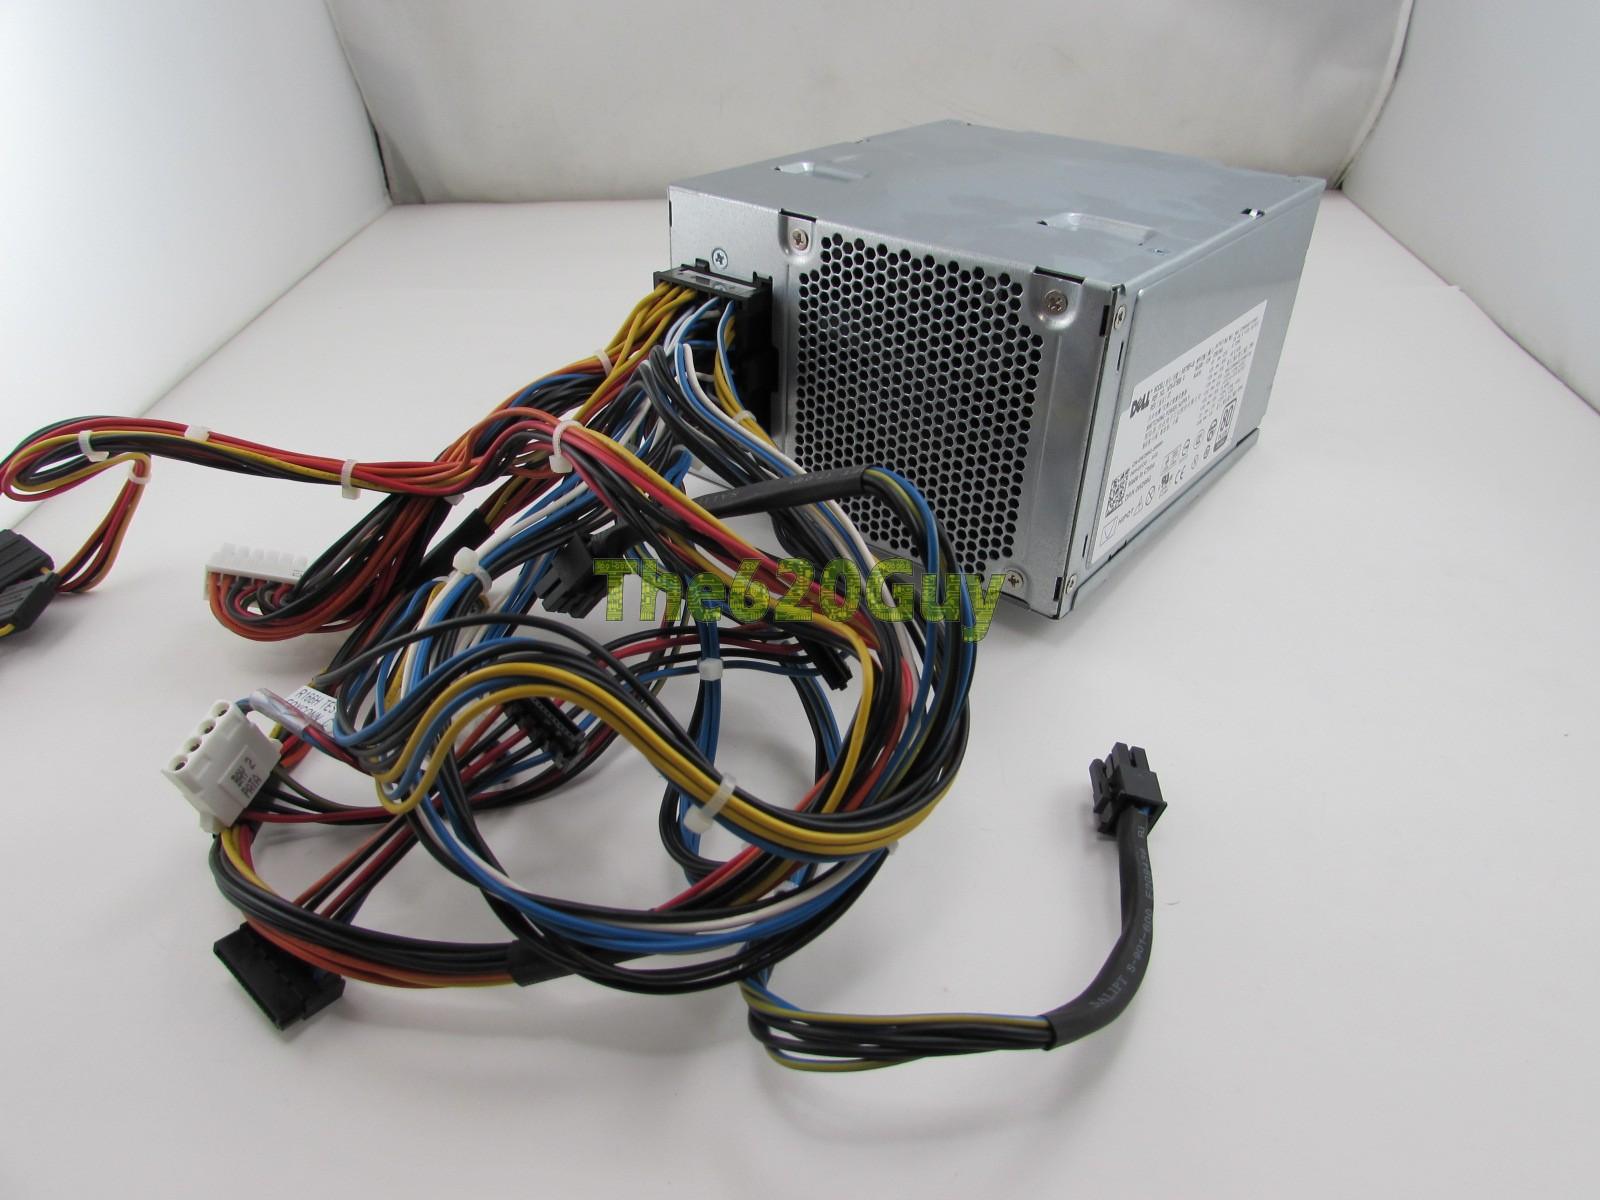 Dell W299g N875ef 00 875w 875 Watts 80 Plus Silver Atx12v